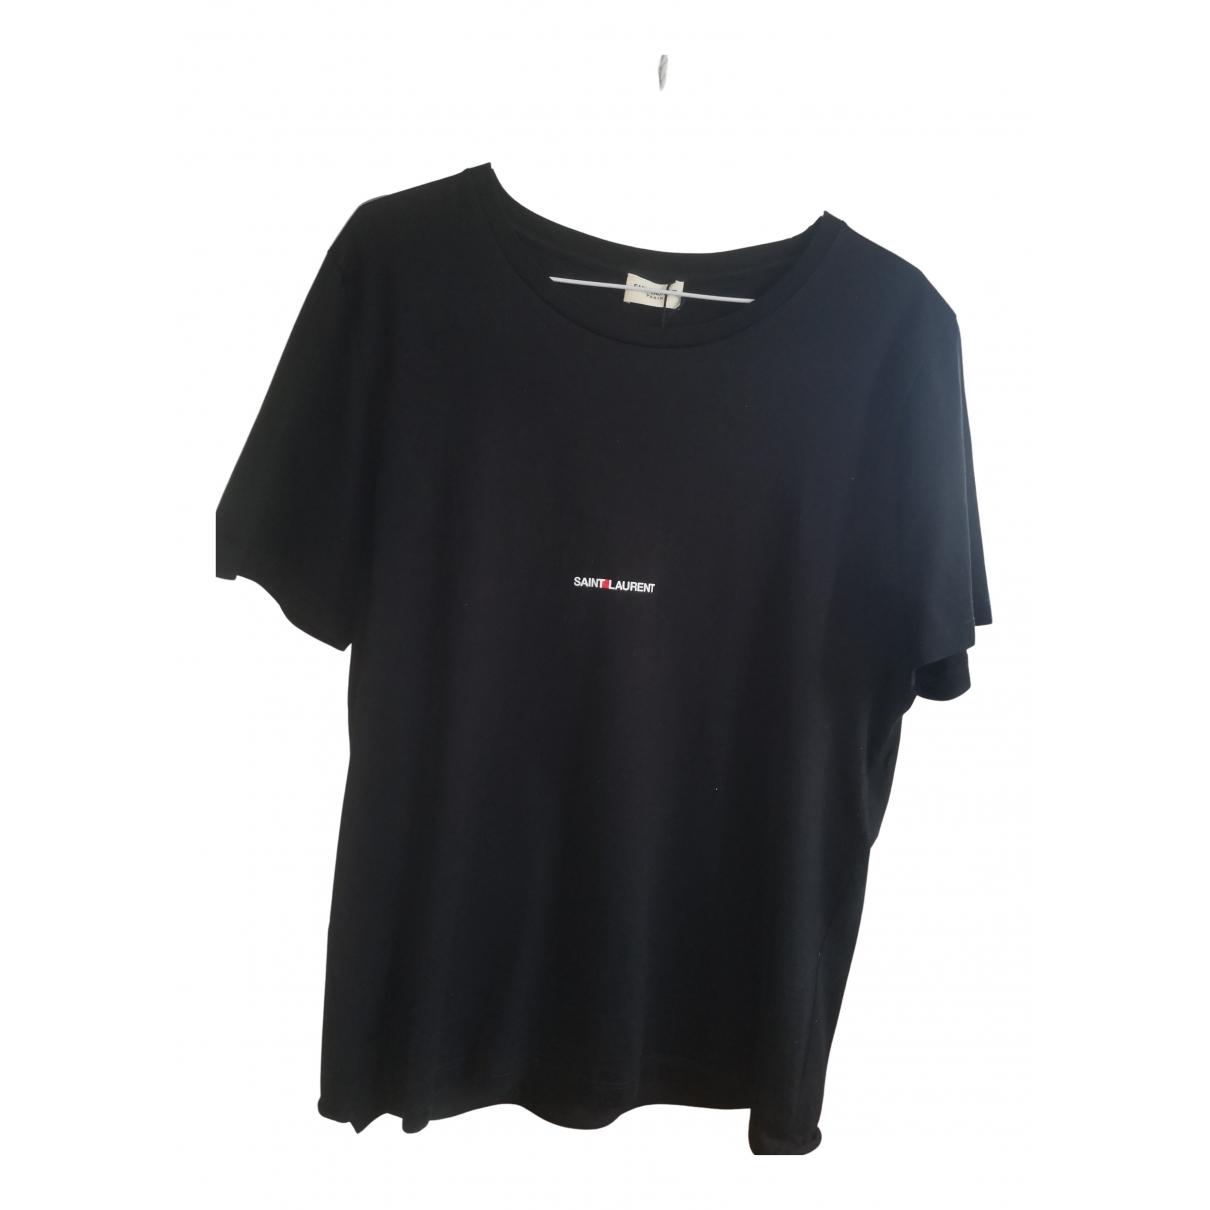 Saint Laurent N Black Cotton T-shirts for Men L International